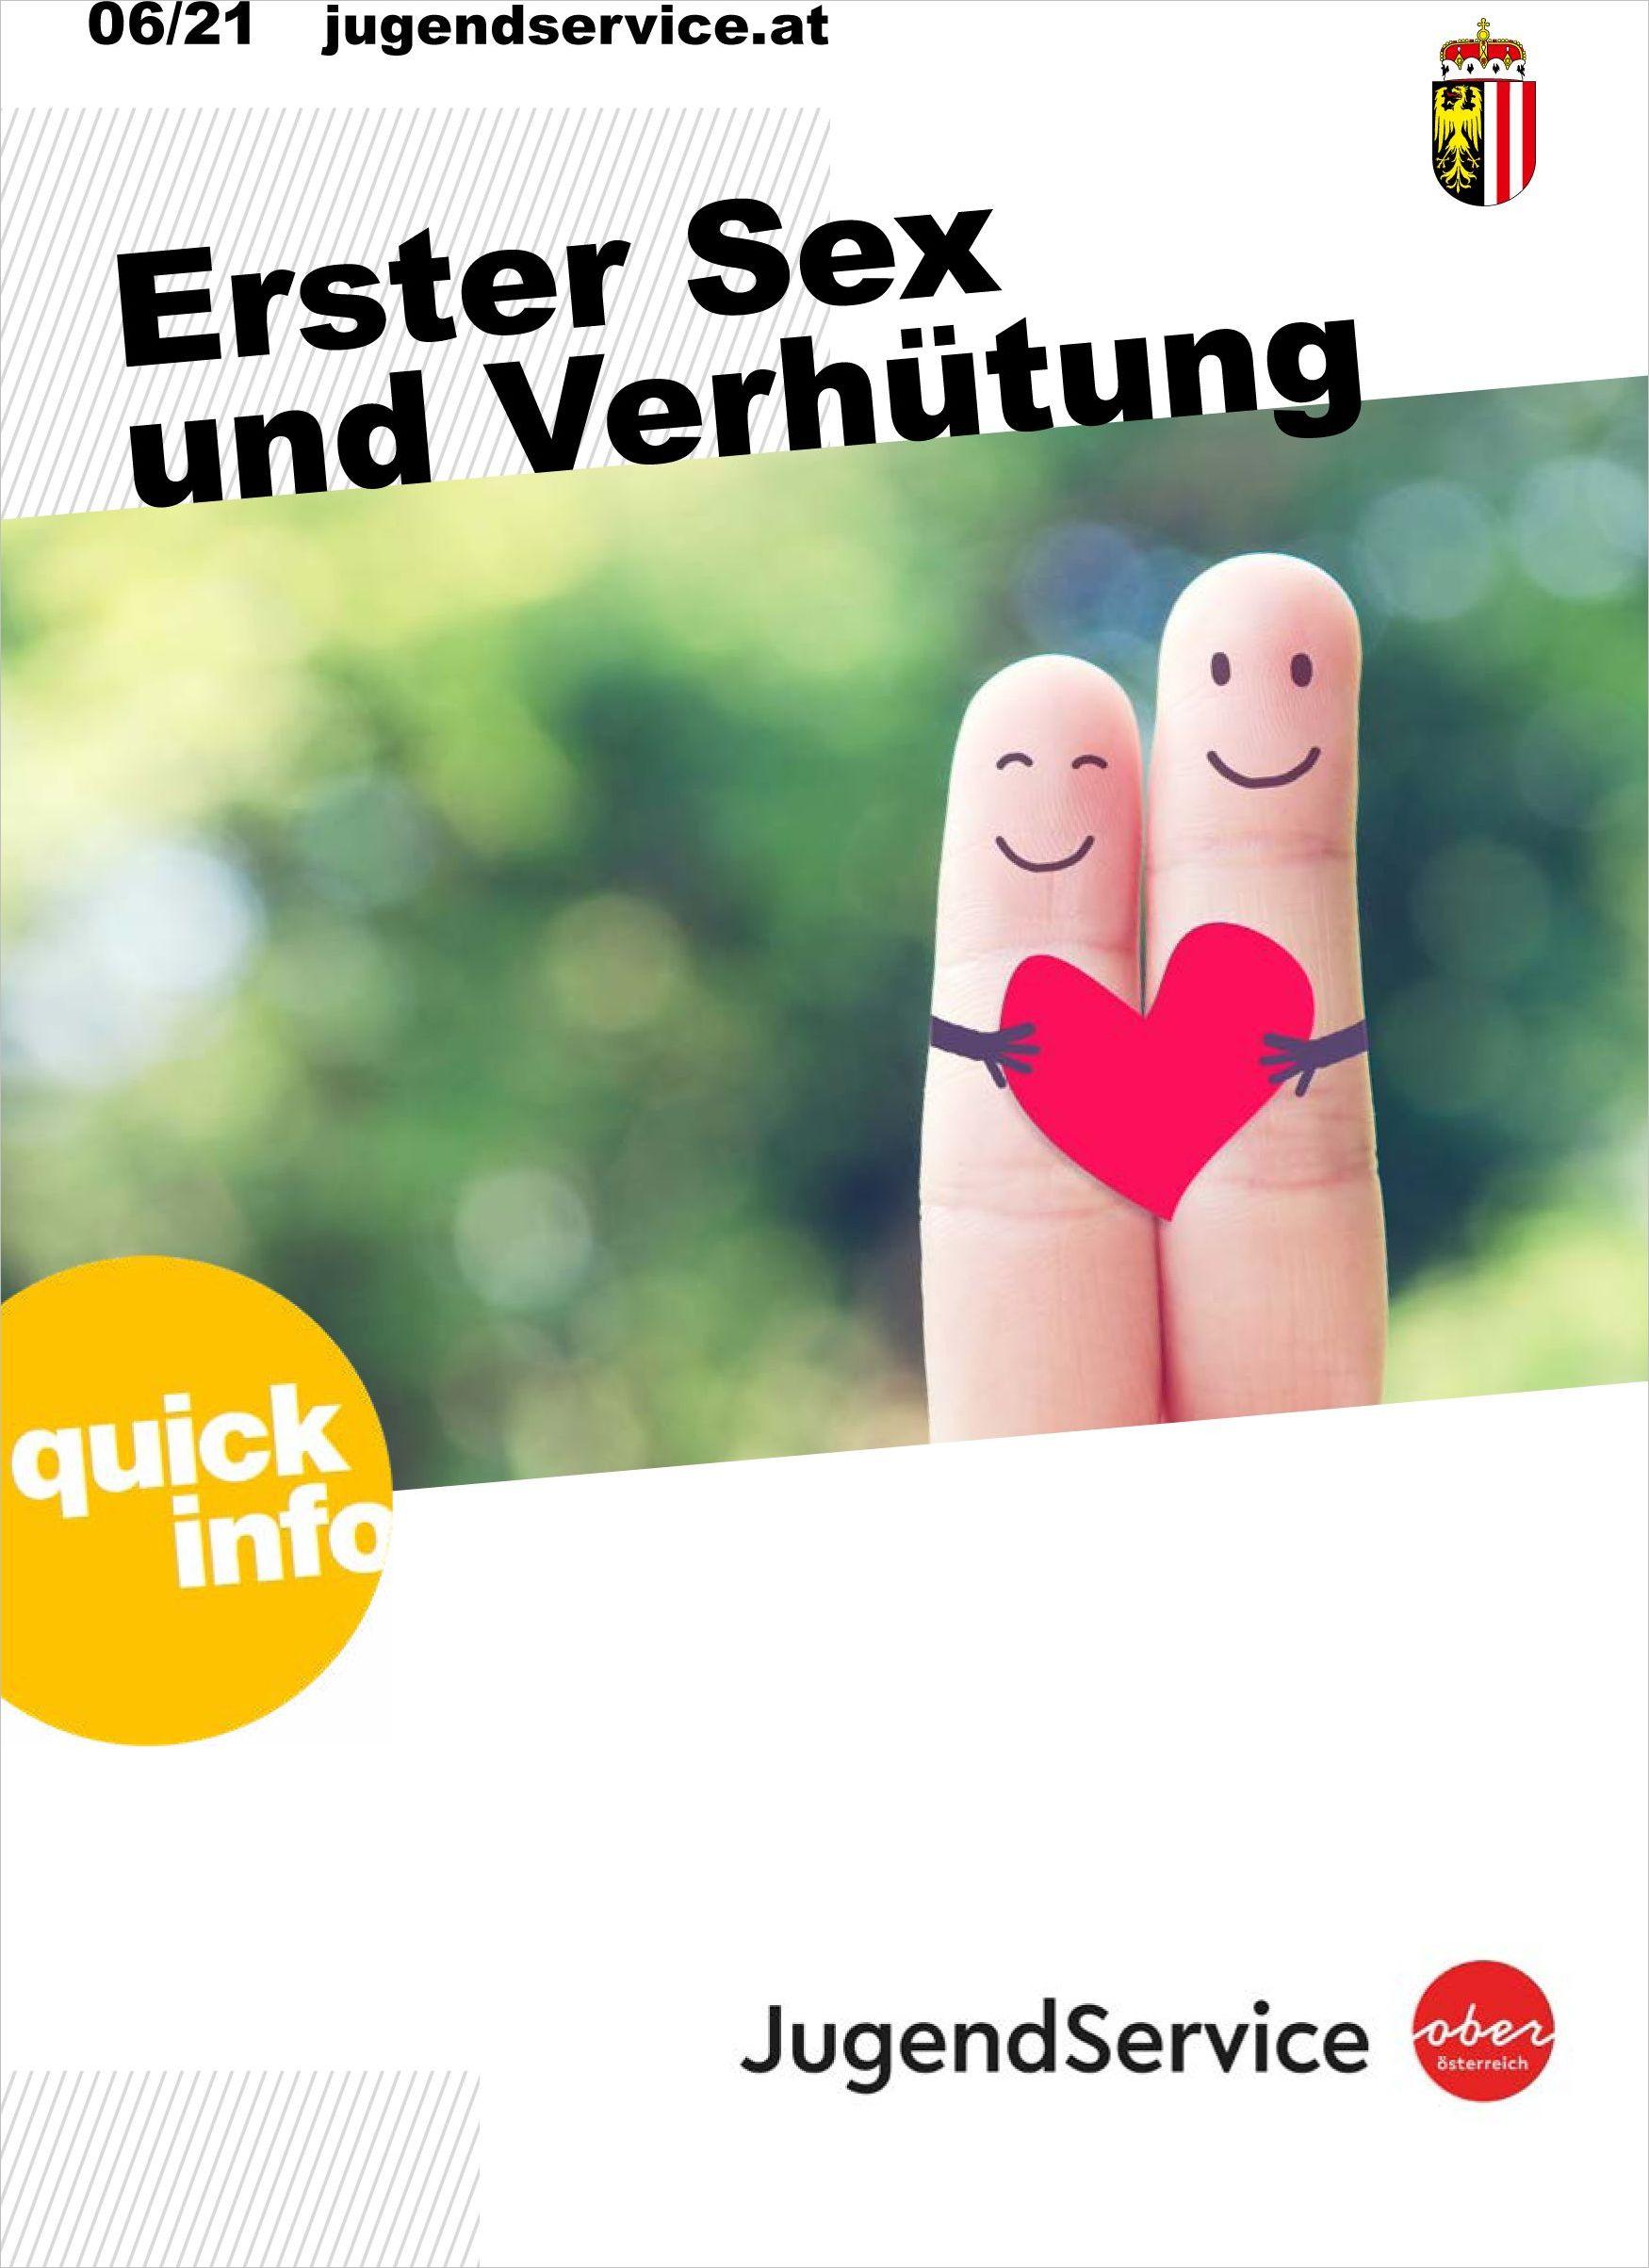 Quick Info - Erster Sex und Verhütung